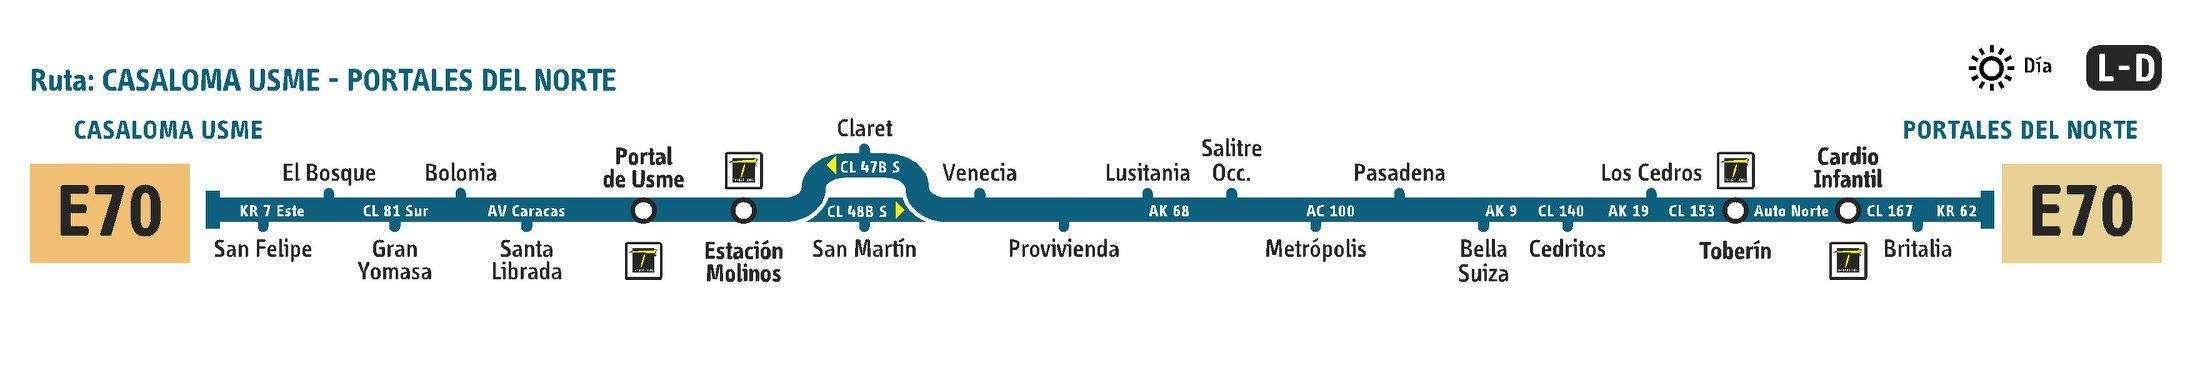 Ruta E70 Casaloma Usme - Portales del Norte